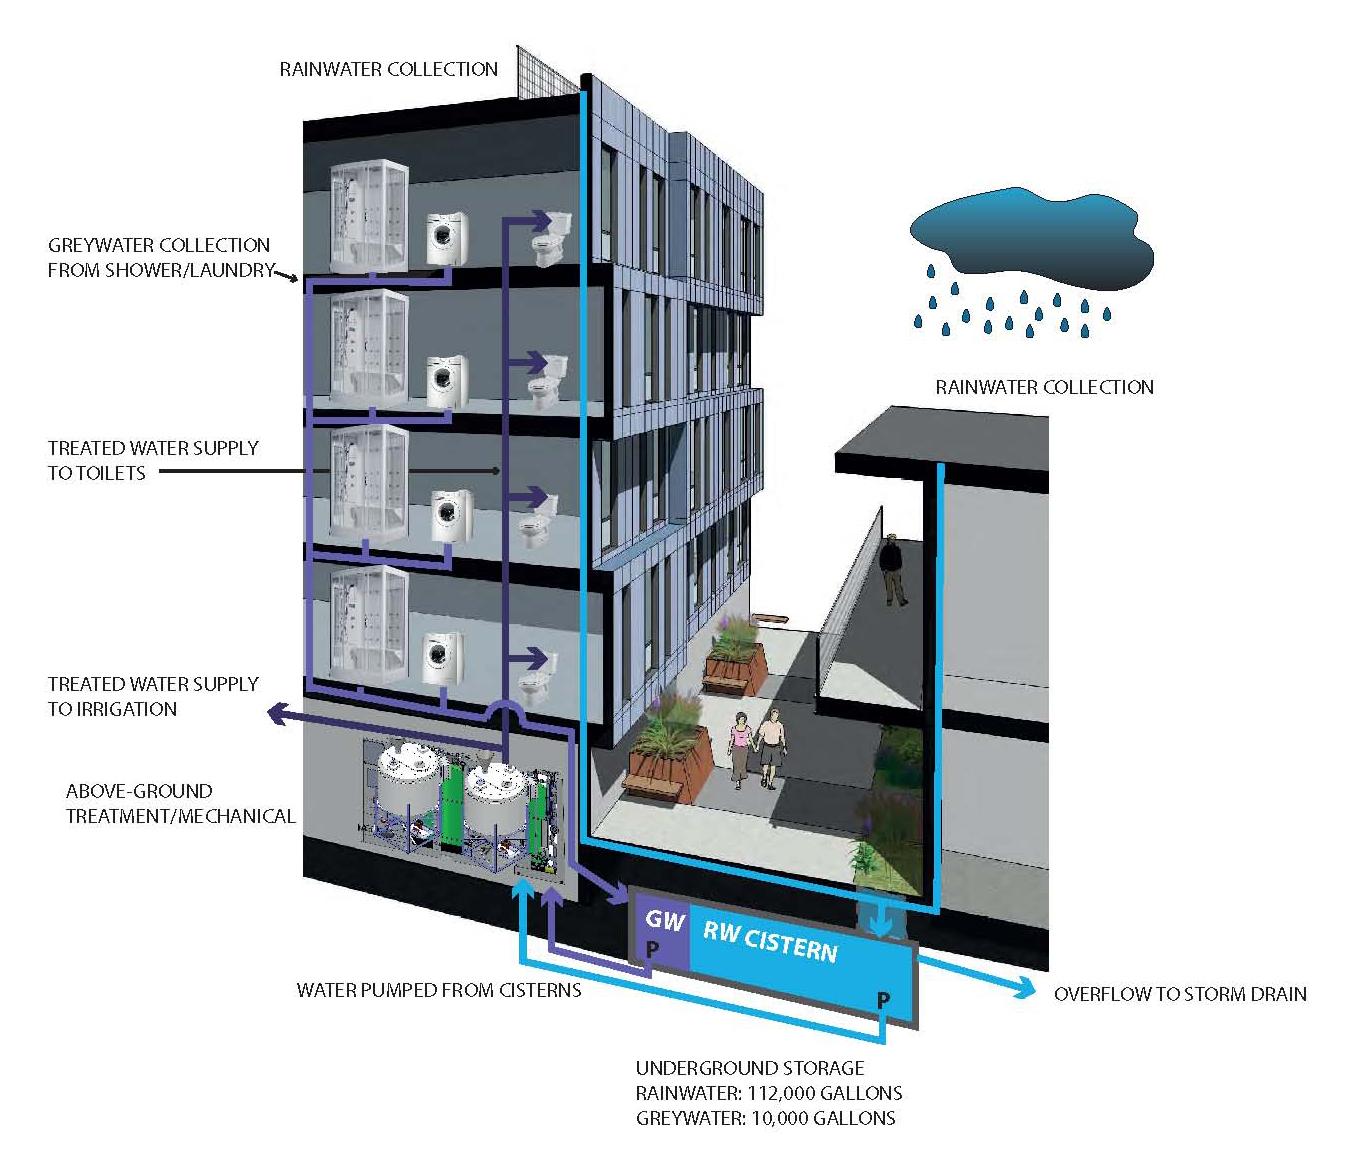 rainwater-greywater-schematic-diagram_alameda.jpg